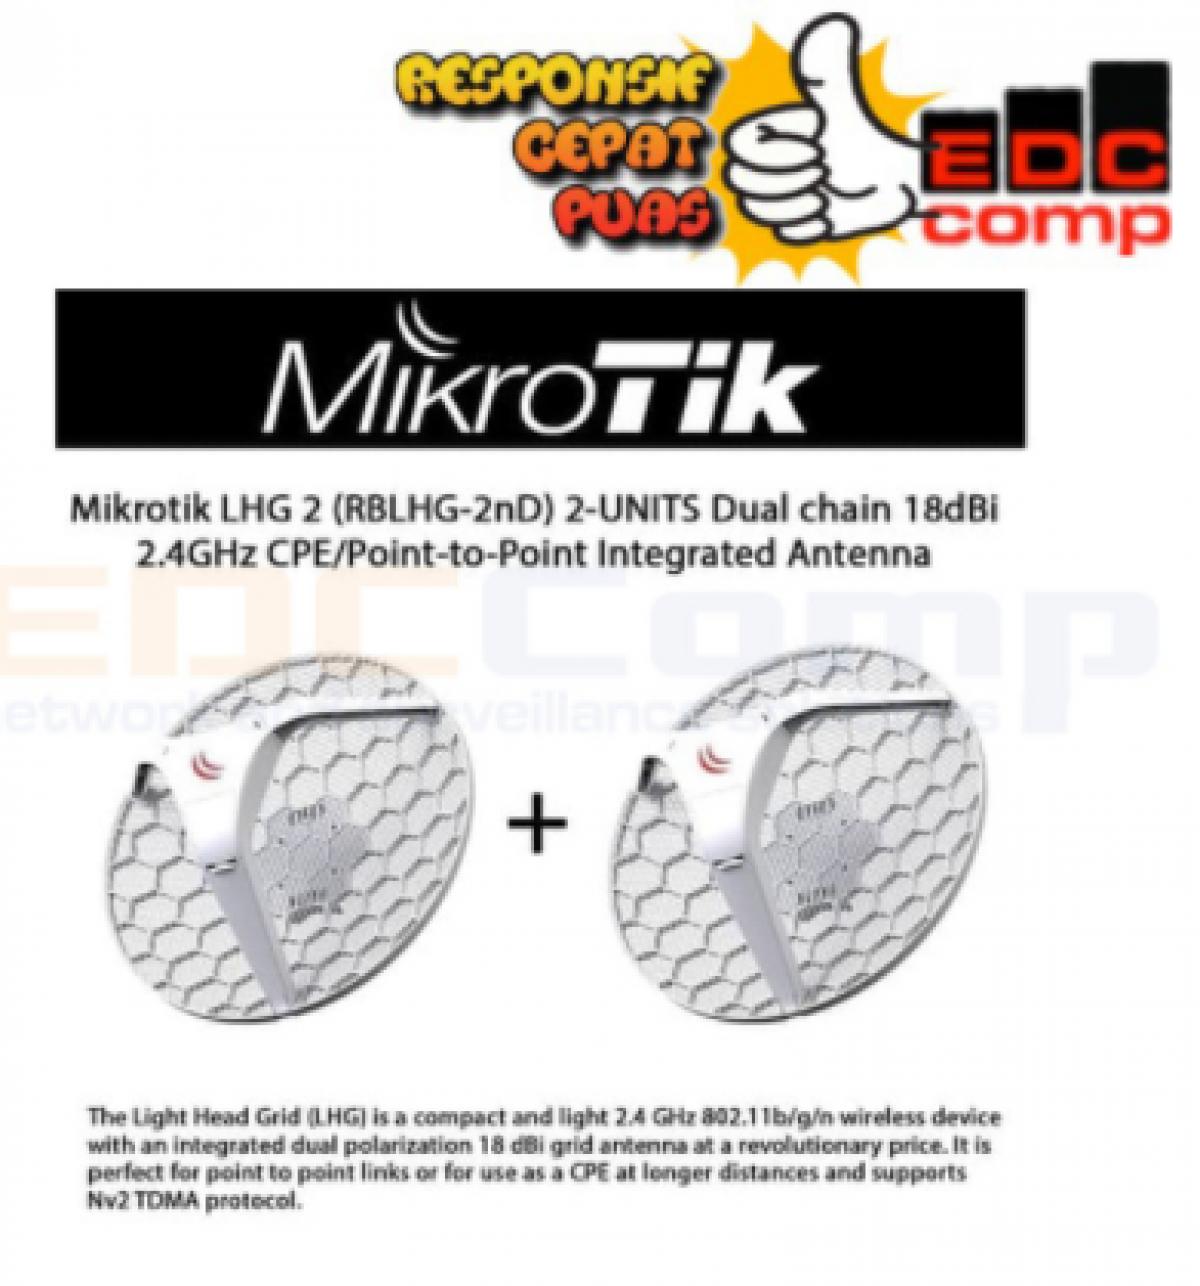 MIKROTIK RBLHG-2ND - ISI 2UNIT BERAT 5KG LEBIH HEMAT - EdcComp